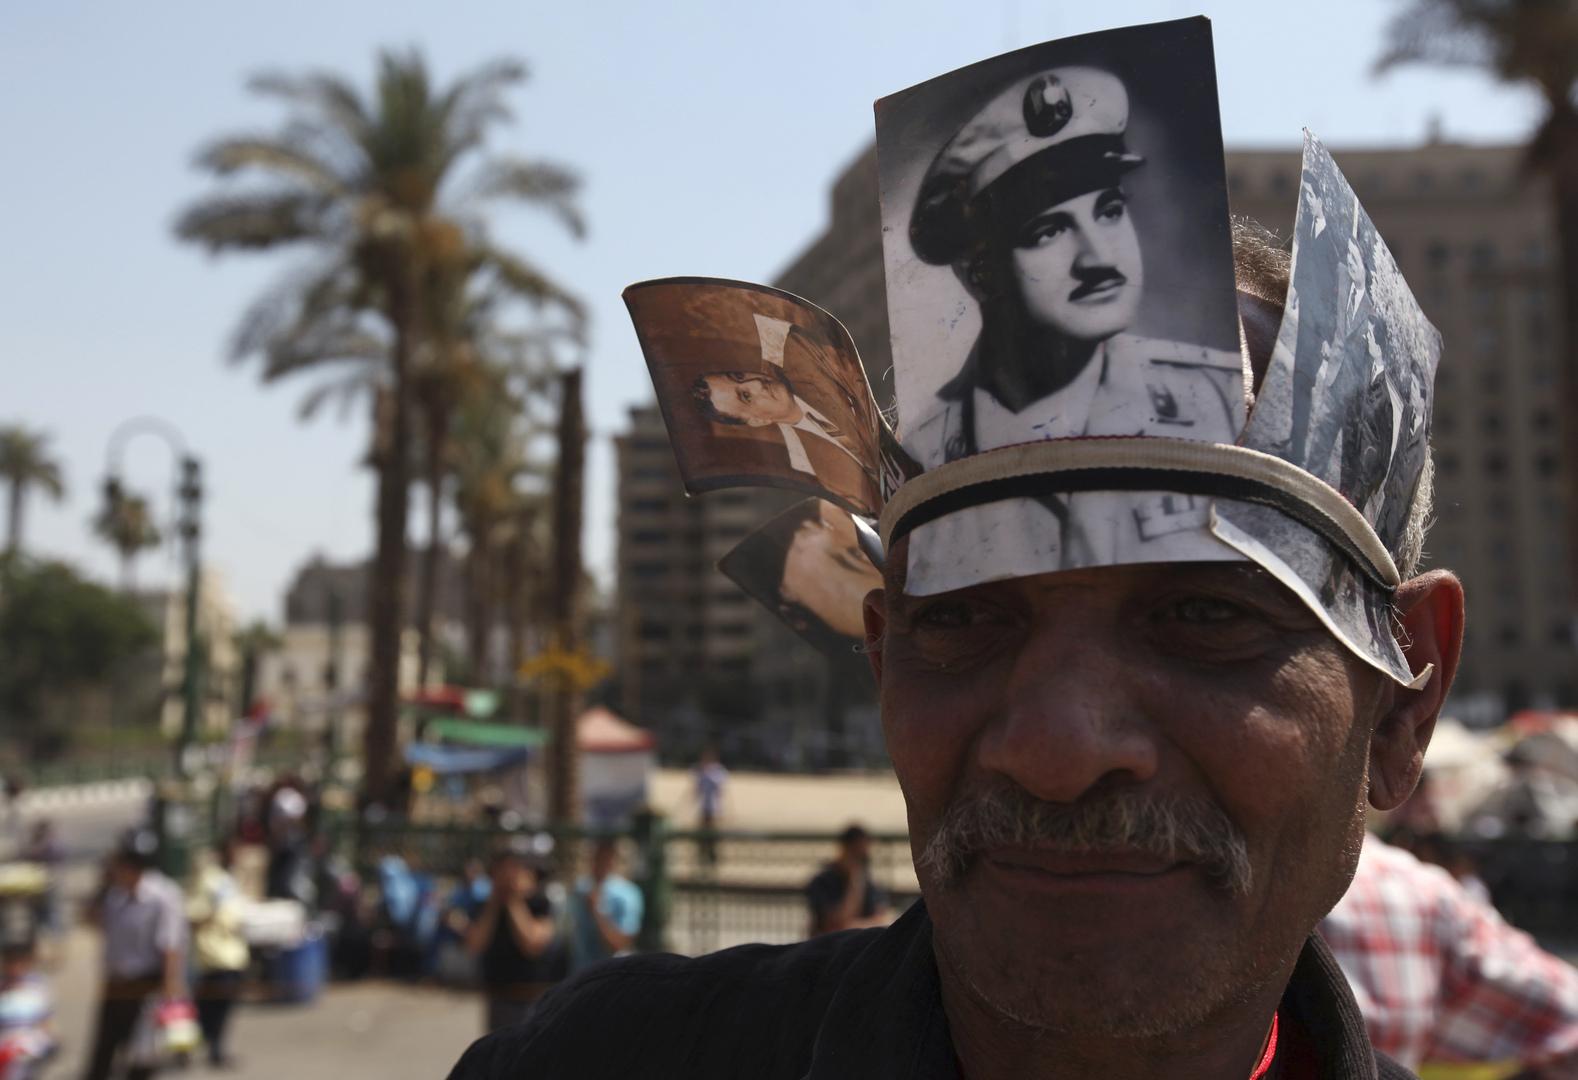 في الذكرى 66 لمحاولة اغتيال عبد الناصر.. تفاصيل جديدة على لسان أحد المشاركين فيها